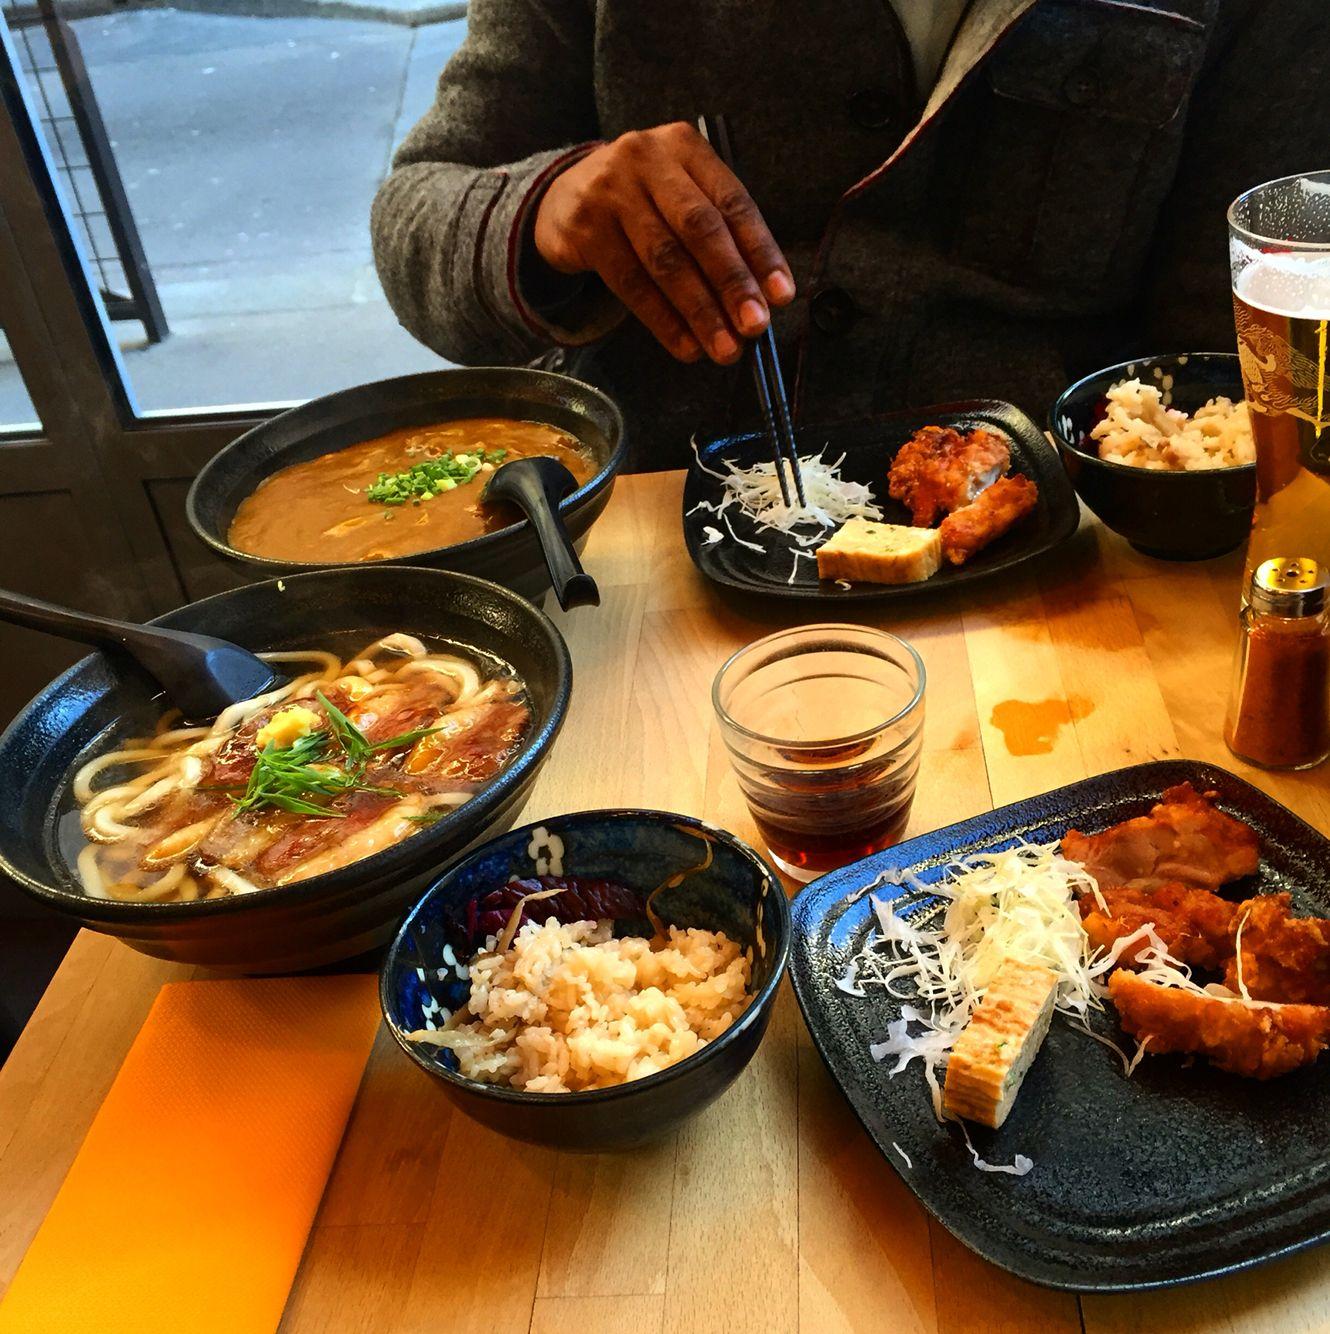 Miam  #Japanese#goodlunch#bonappetit#miam#food#foodie#Japanesefood#paris